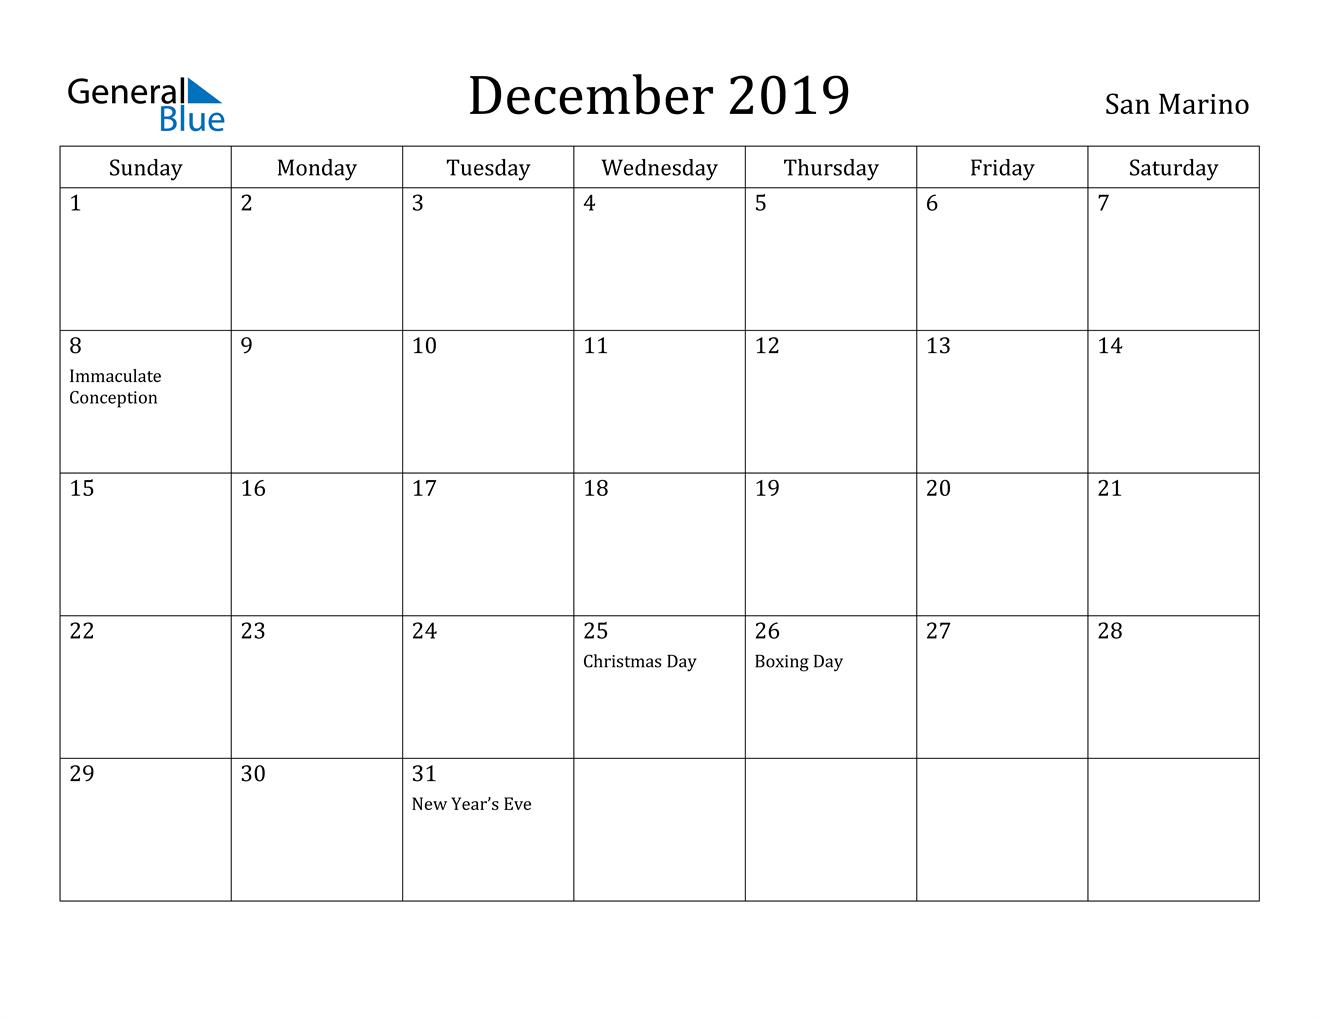 Image of December 2019 San Marino Calendar with Holidays Calendar